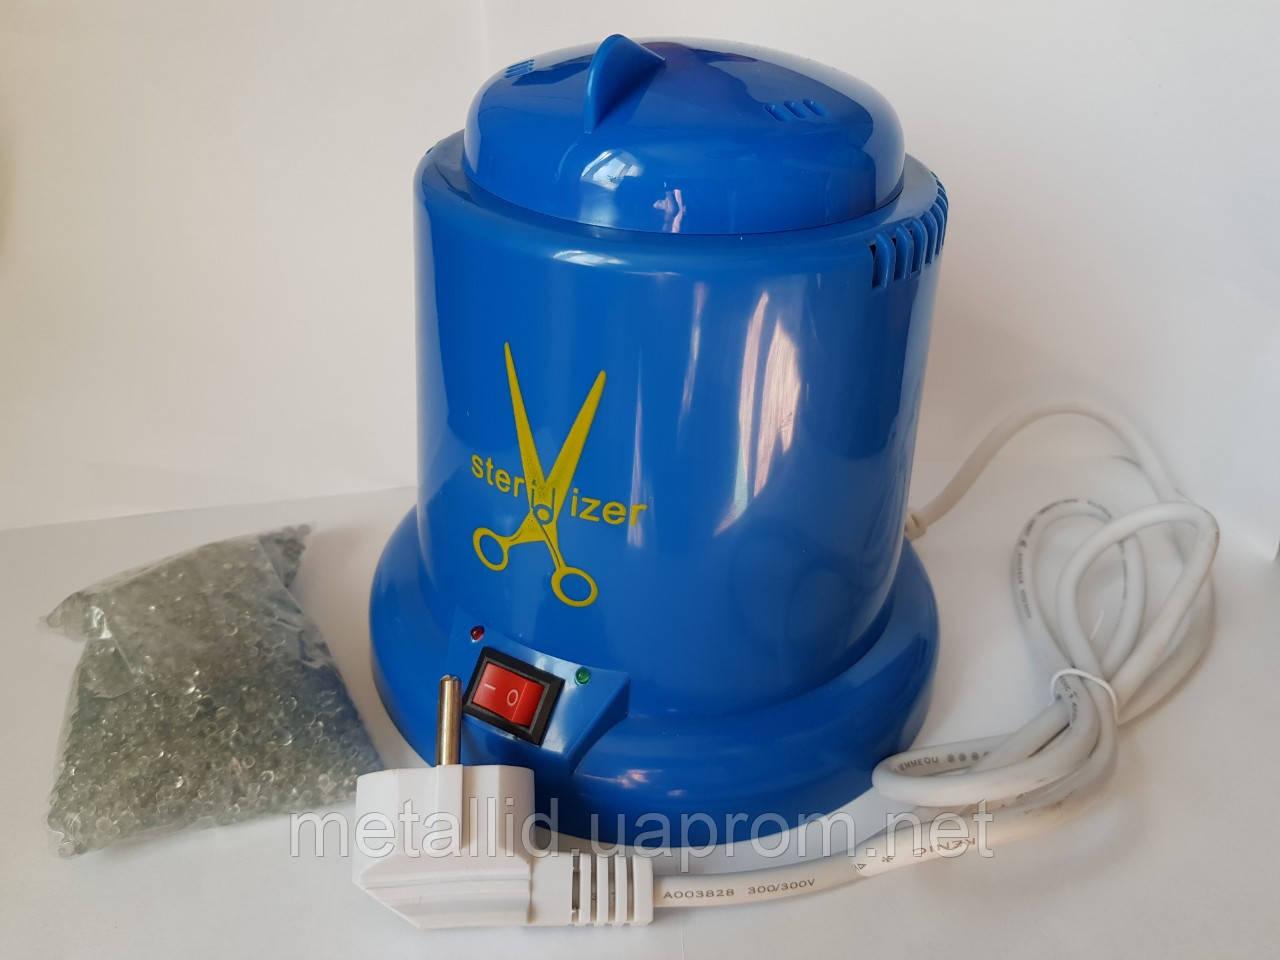 Стерилизатор кварцевый для инструментов